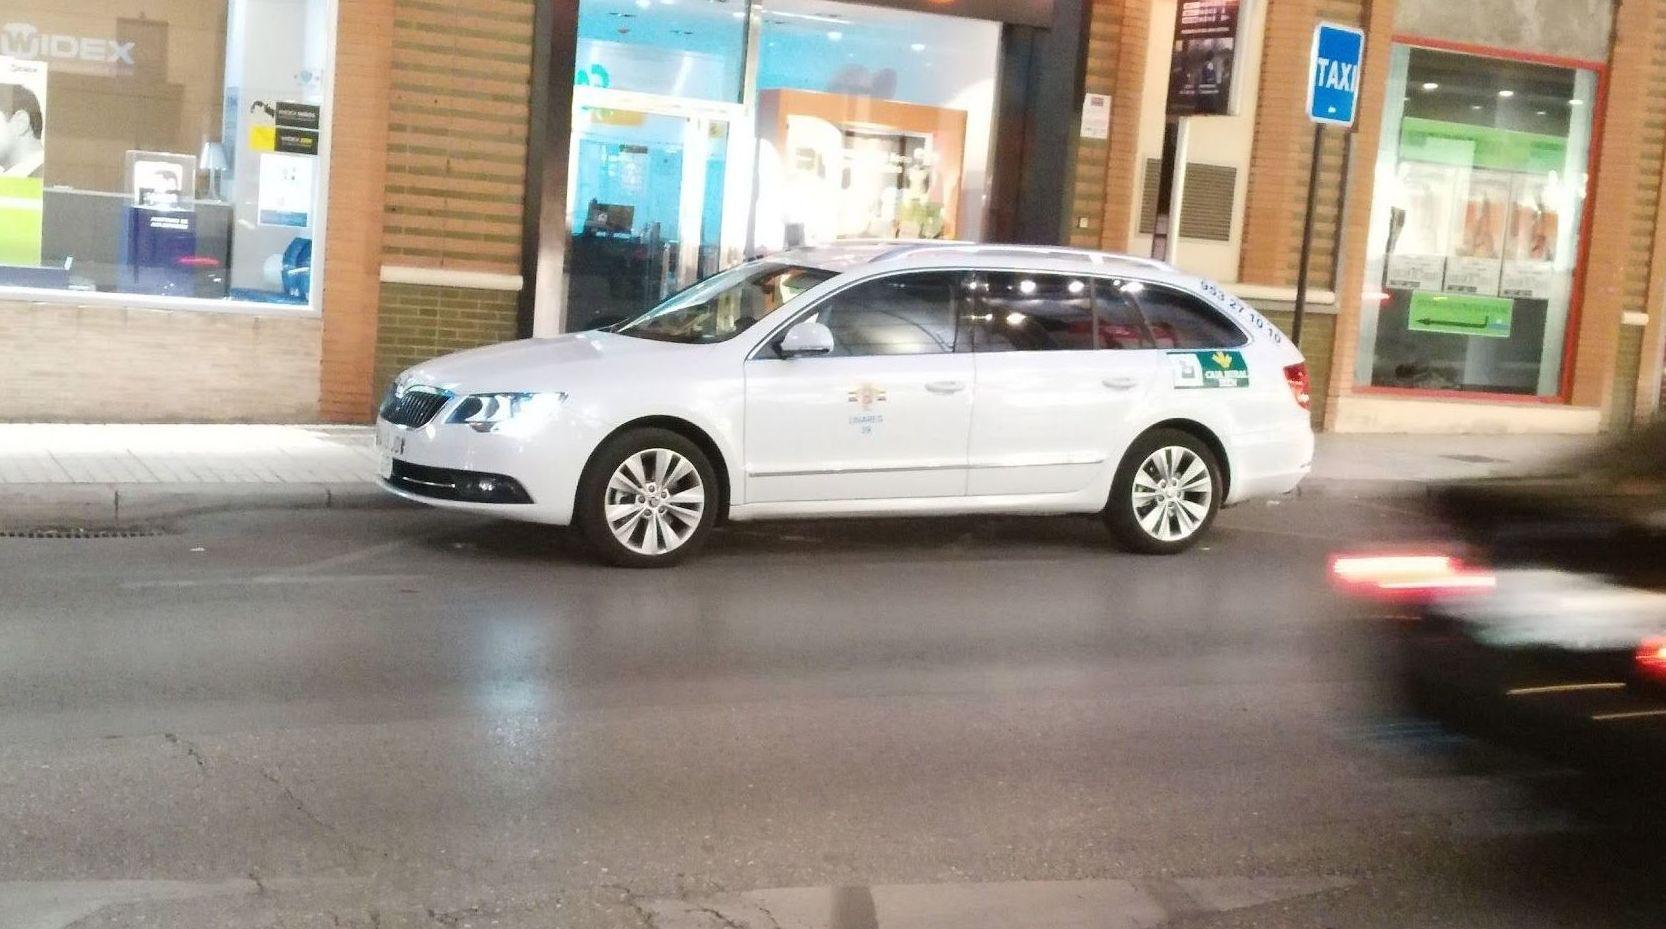 Traslados nacionales e internacionales: Servicios de Taxi Camacho Linares